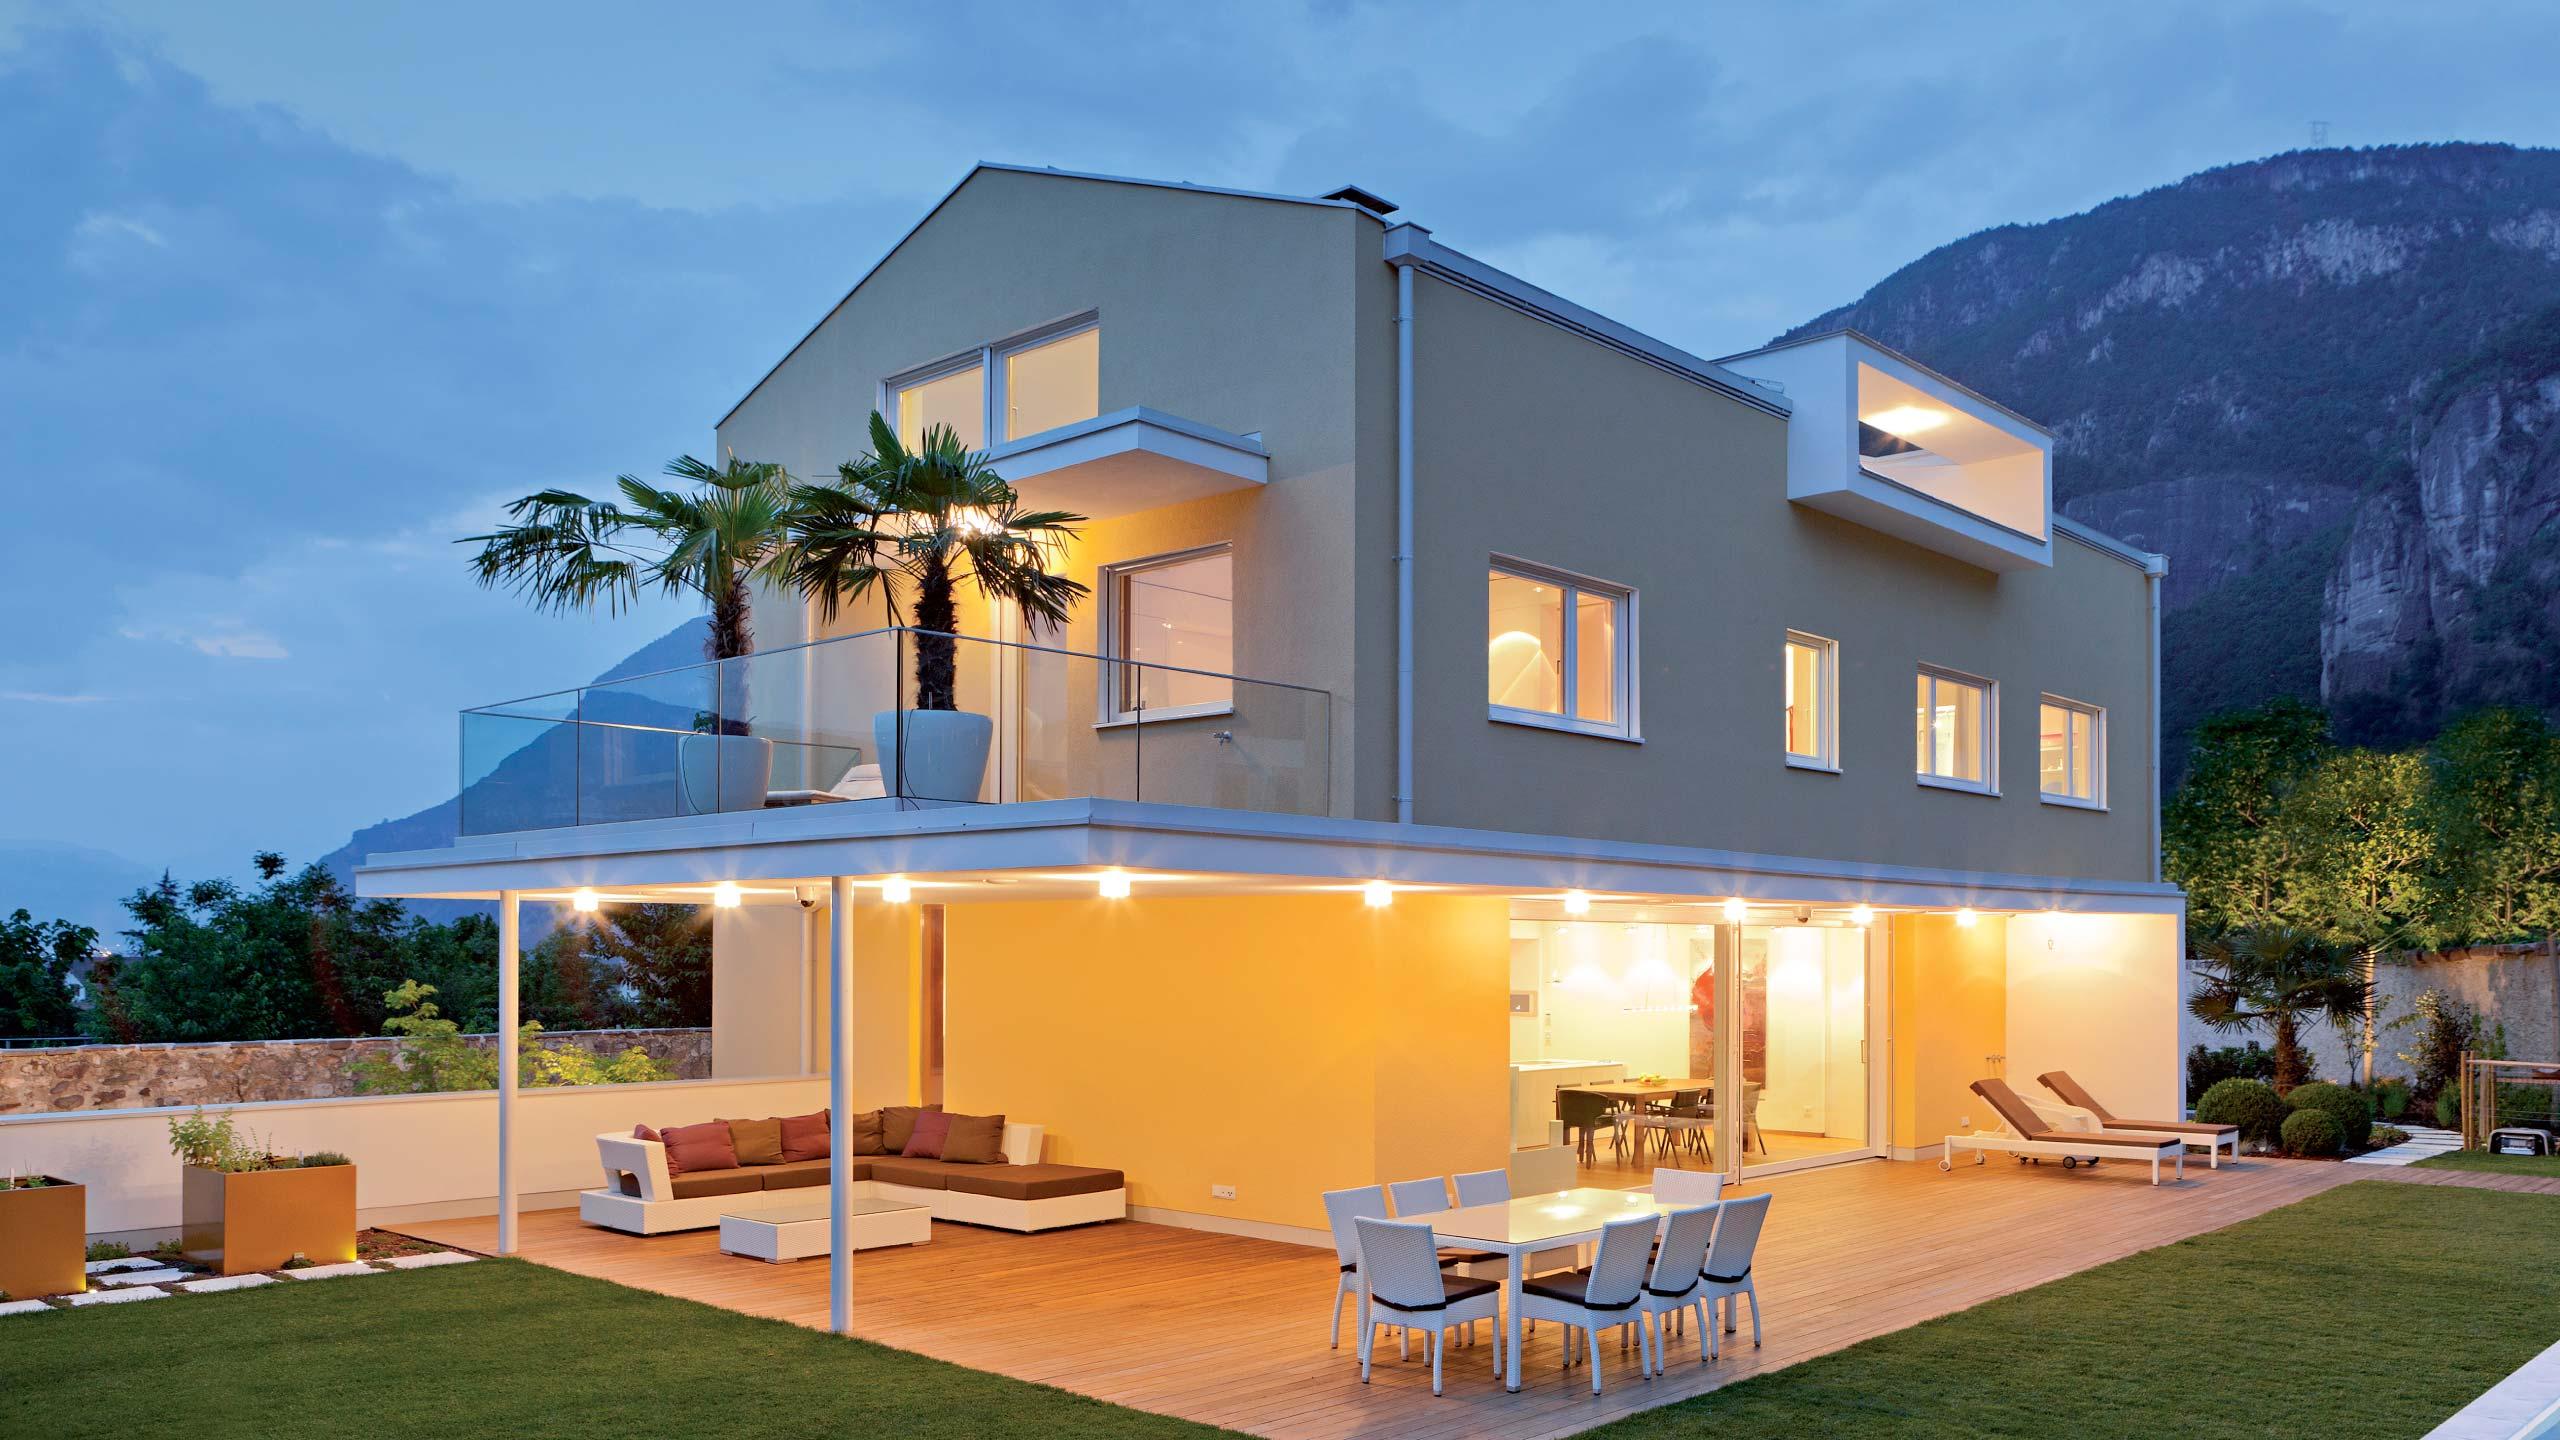 Progettazione Casa Antisismica : A modena un convegno su casaenergypiù la splendida casa